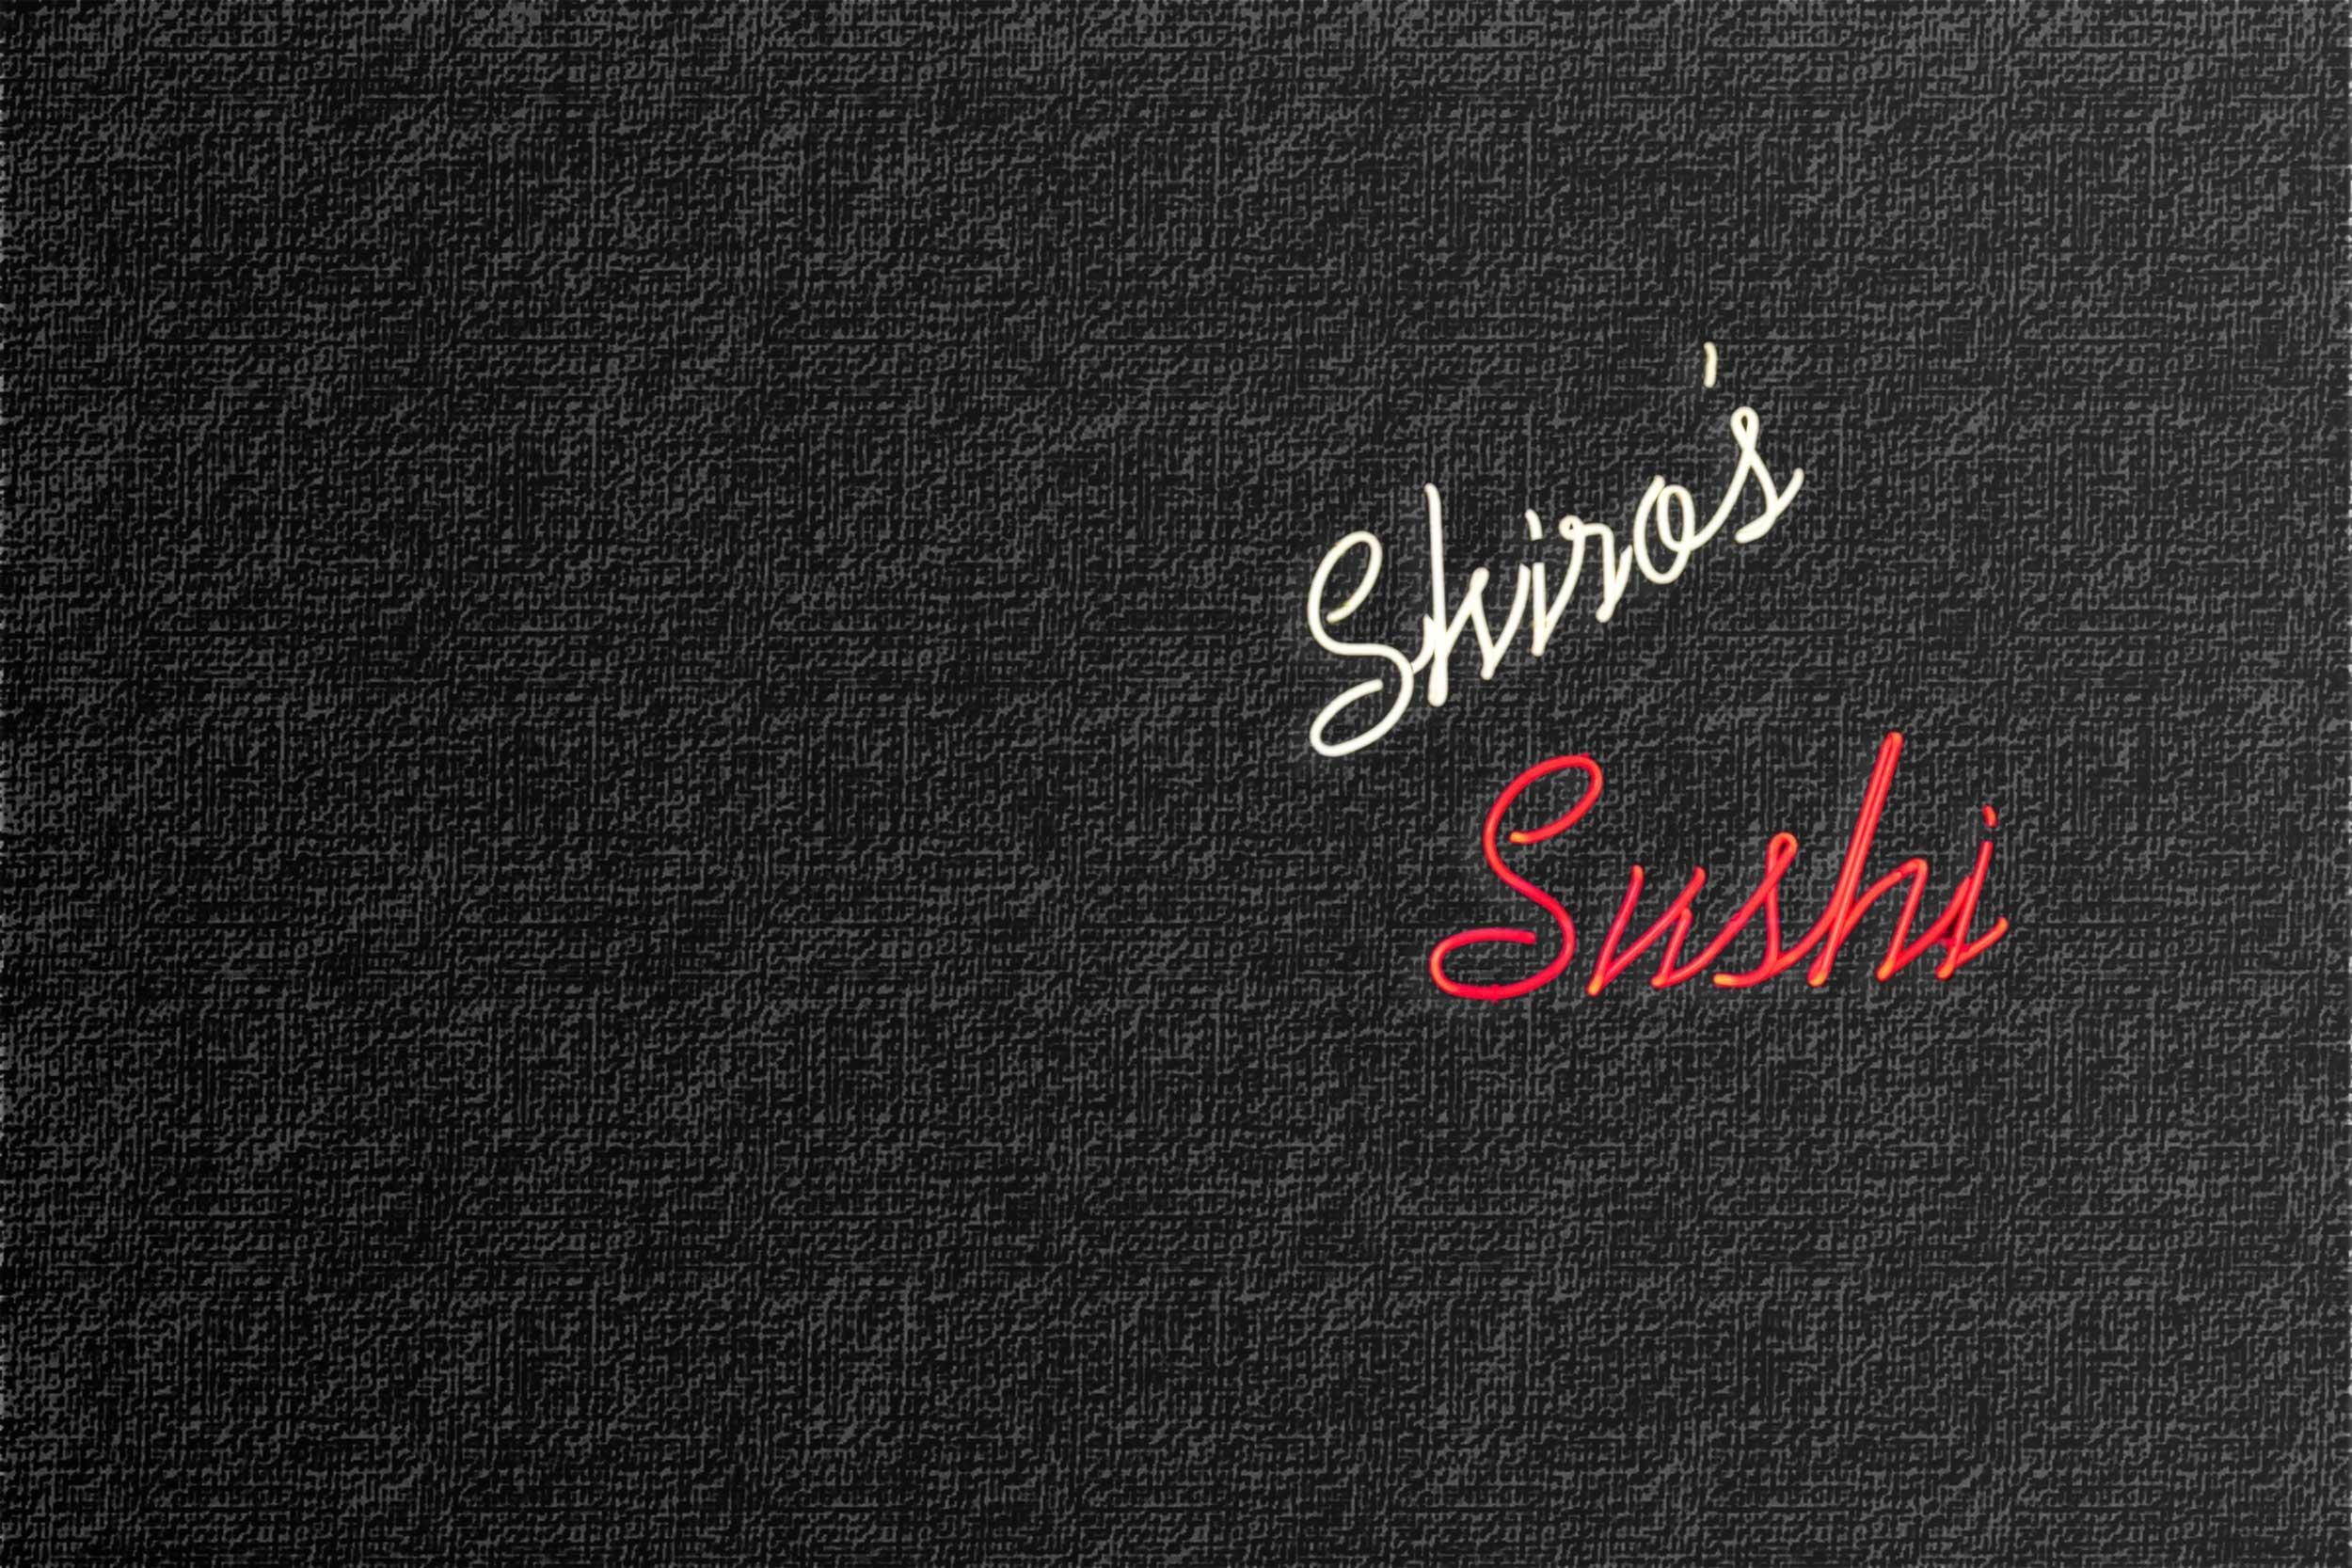 Shiro's Neon Sign